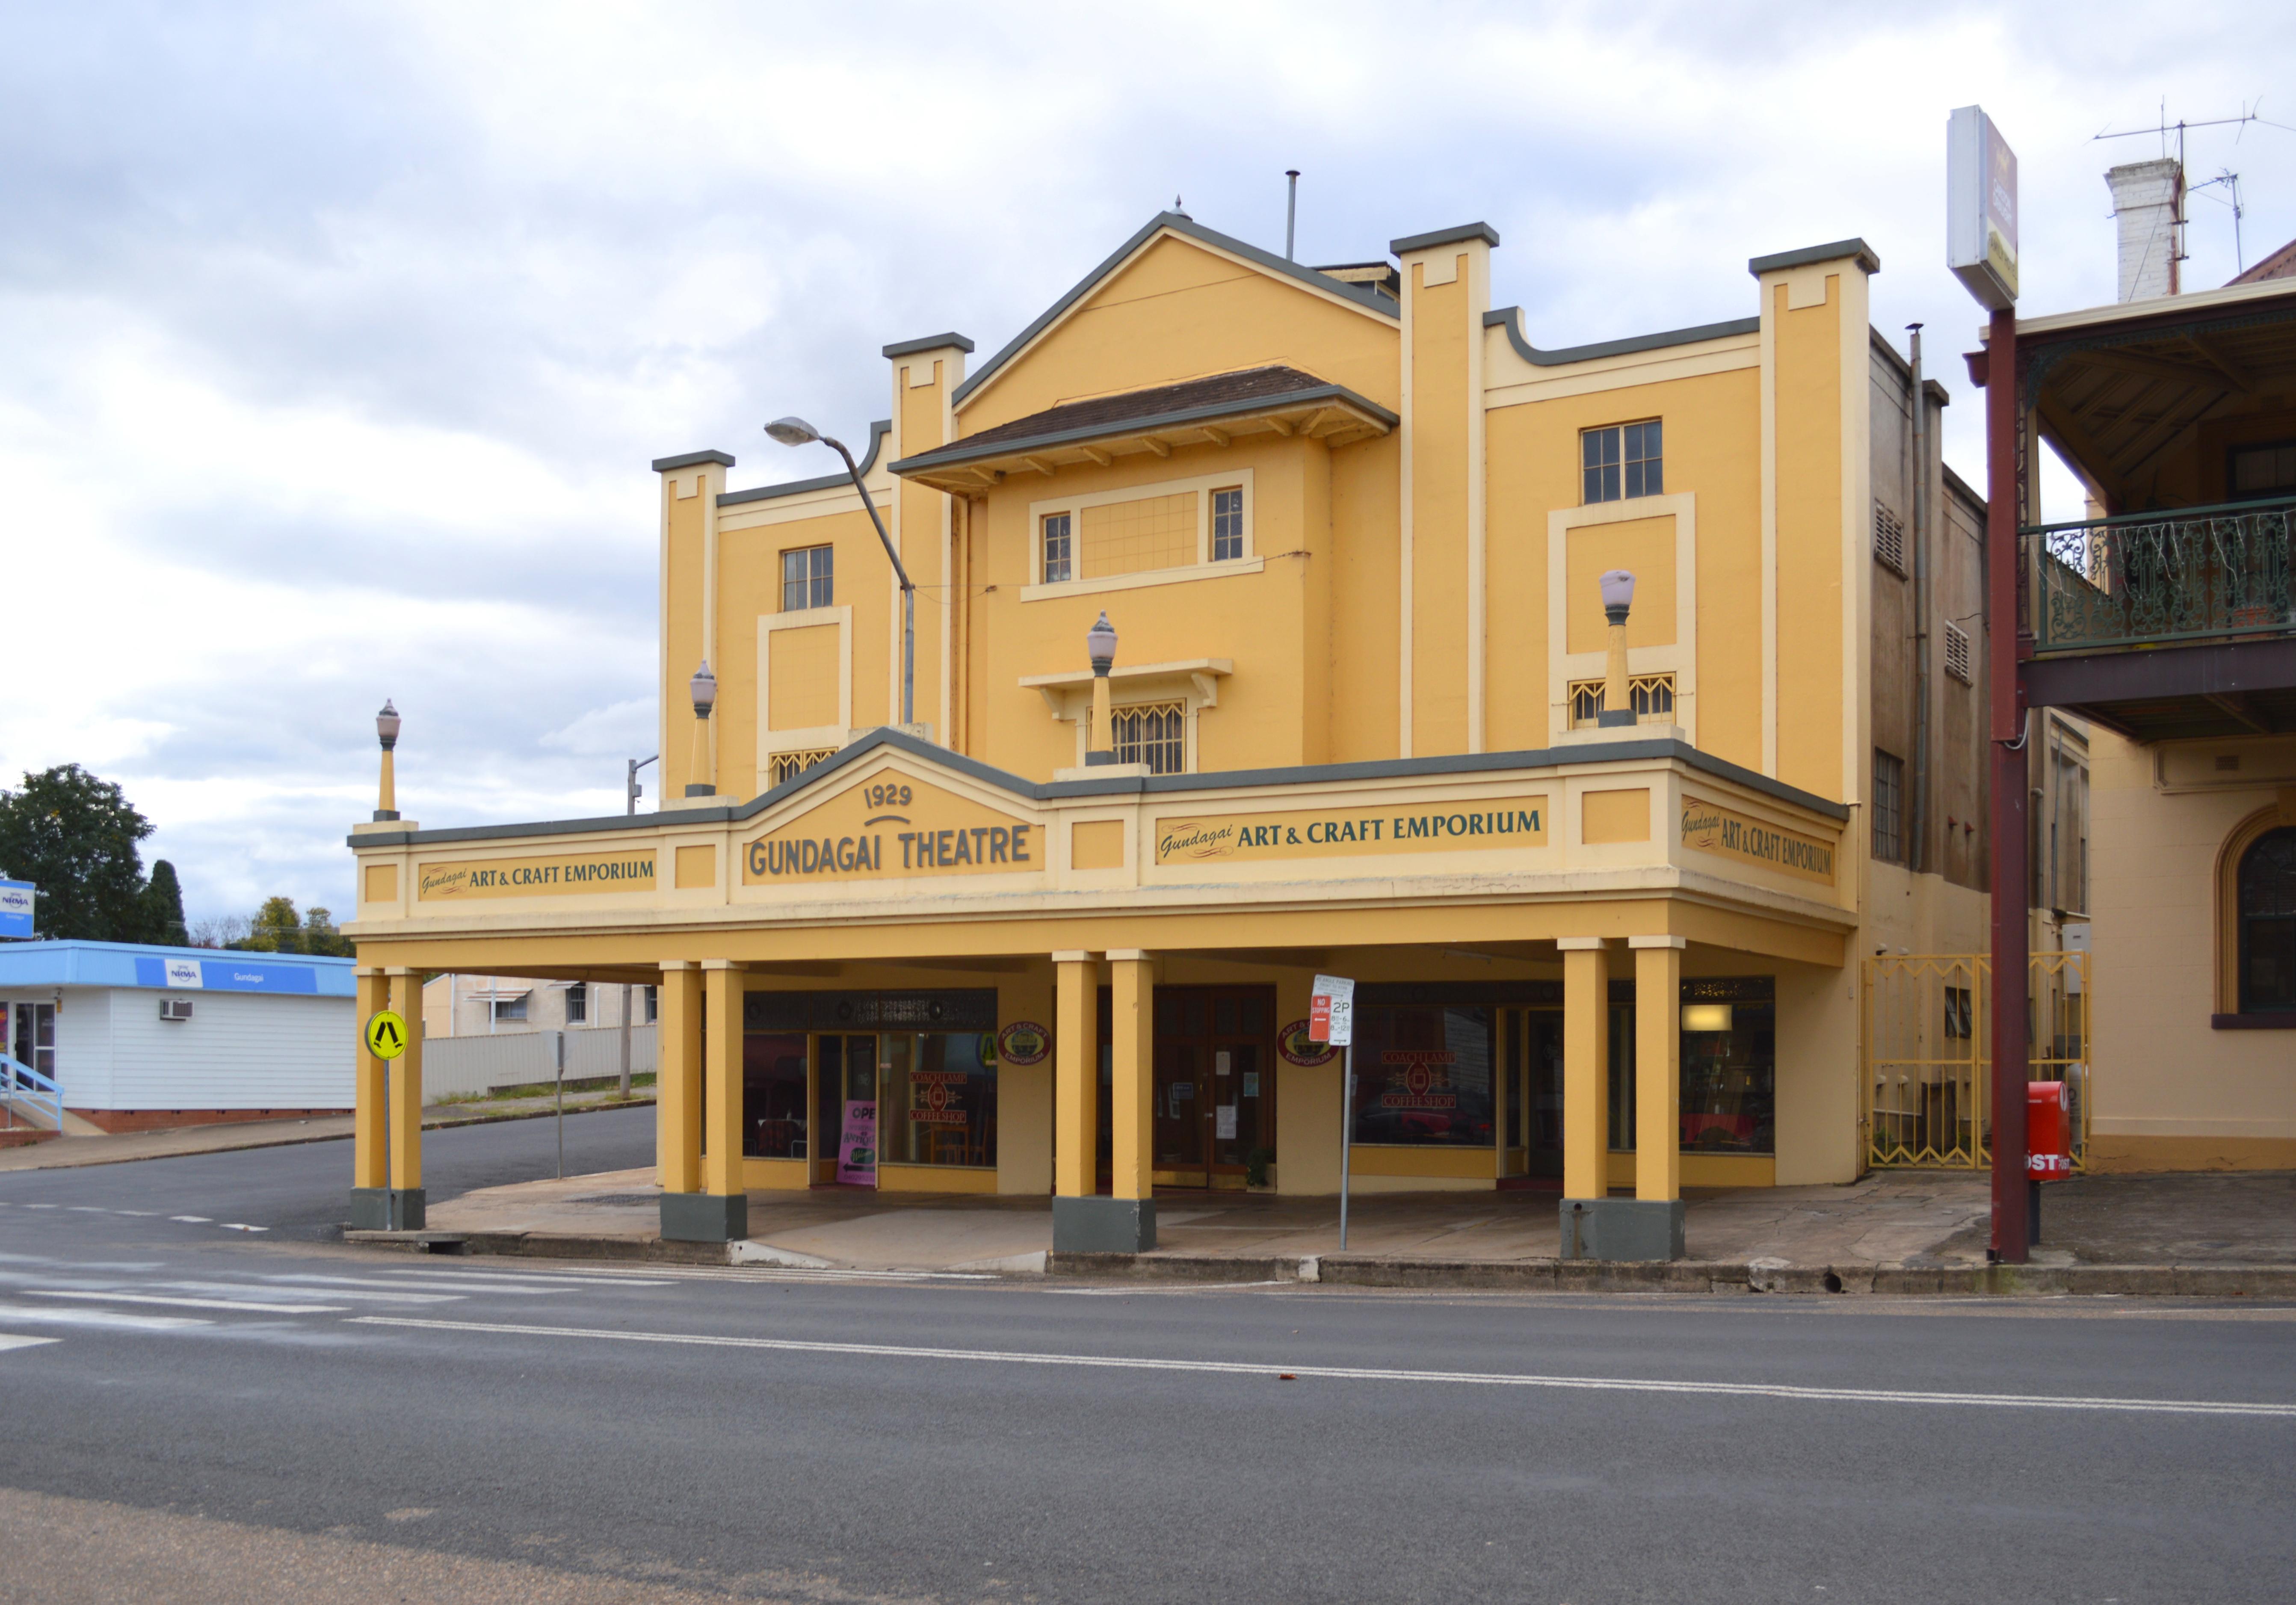 File:Gundagai Theatre 001 JPG - Wikimedia Commons